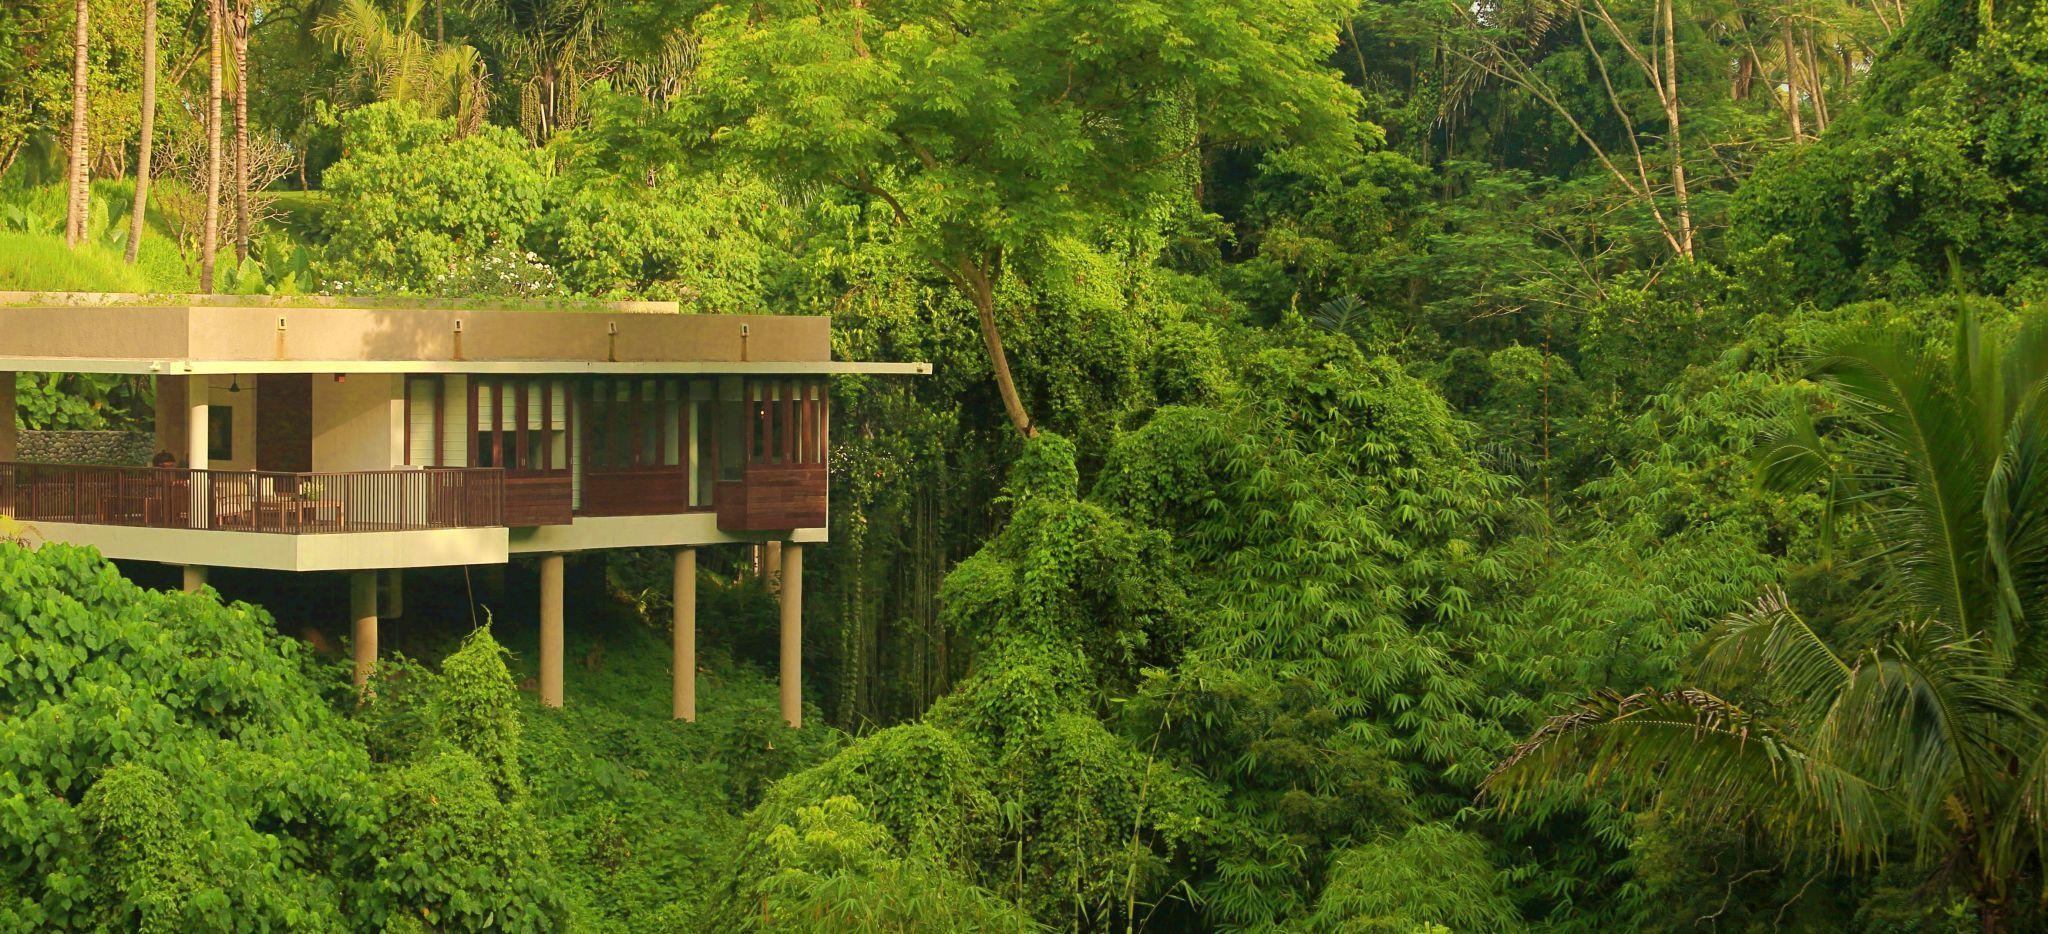 Villa des Hotels Alila Ubub von tropischem Grün eingerahmt